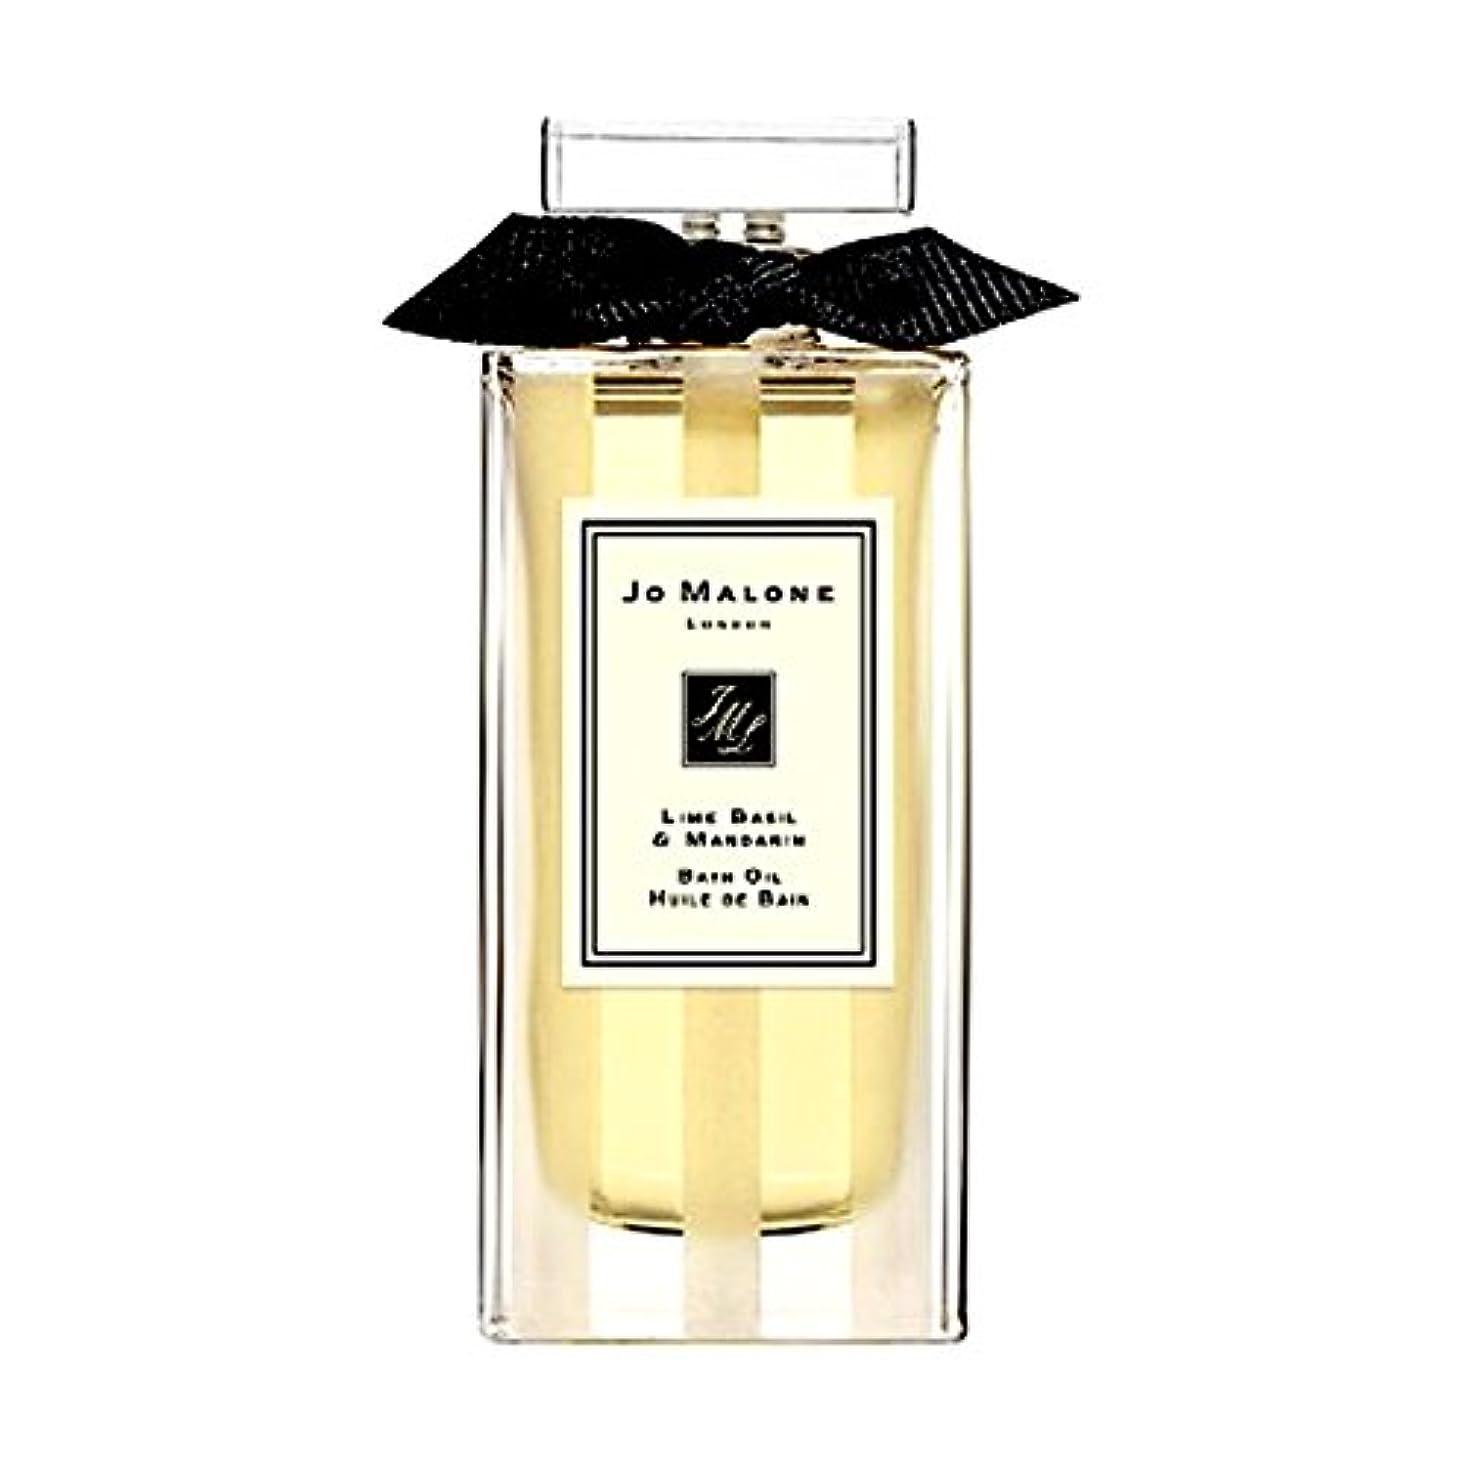 あらゆる種類の毎日潤滑するJo Maloneジョーマローン, バスオイル -ライムバジル&マンダリン (30ml),' Lime Basil & Mandarin' Bath Oil (1oz) [海外直送品] [並行輸入品]